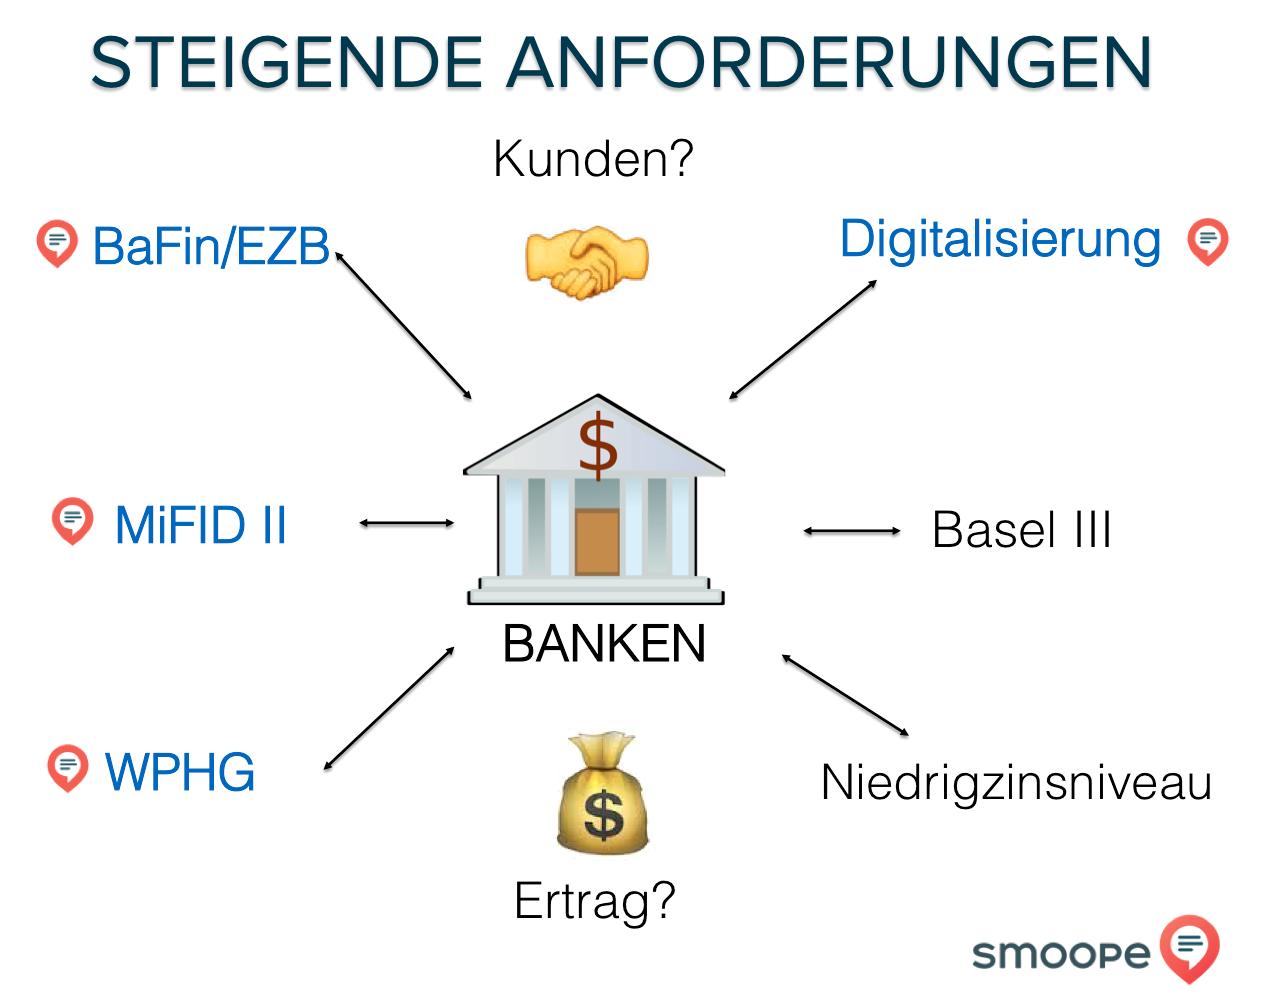 Steigende Anforderungen an die Finanzbranche: Wie können Messenger dabei helfen?